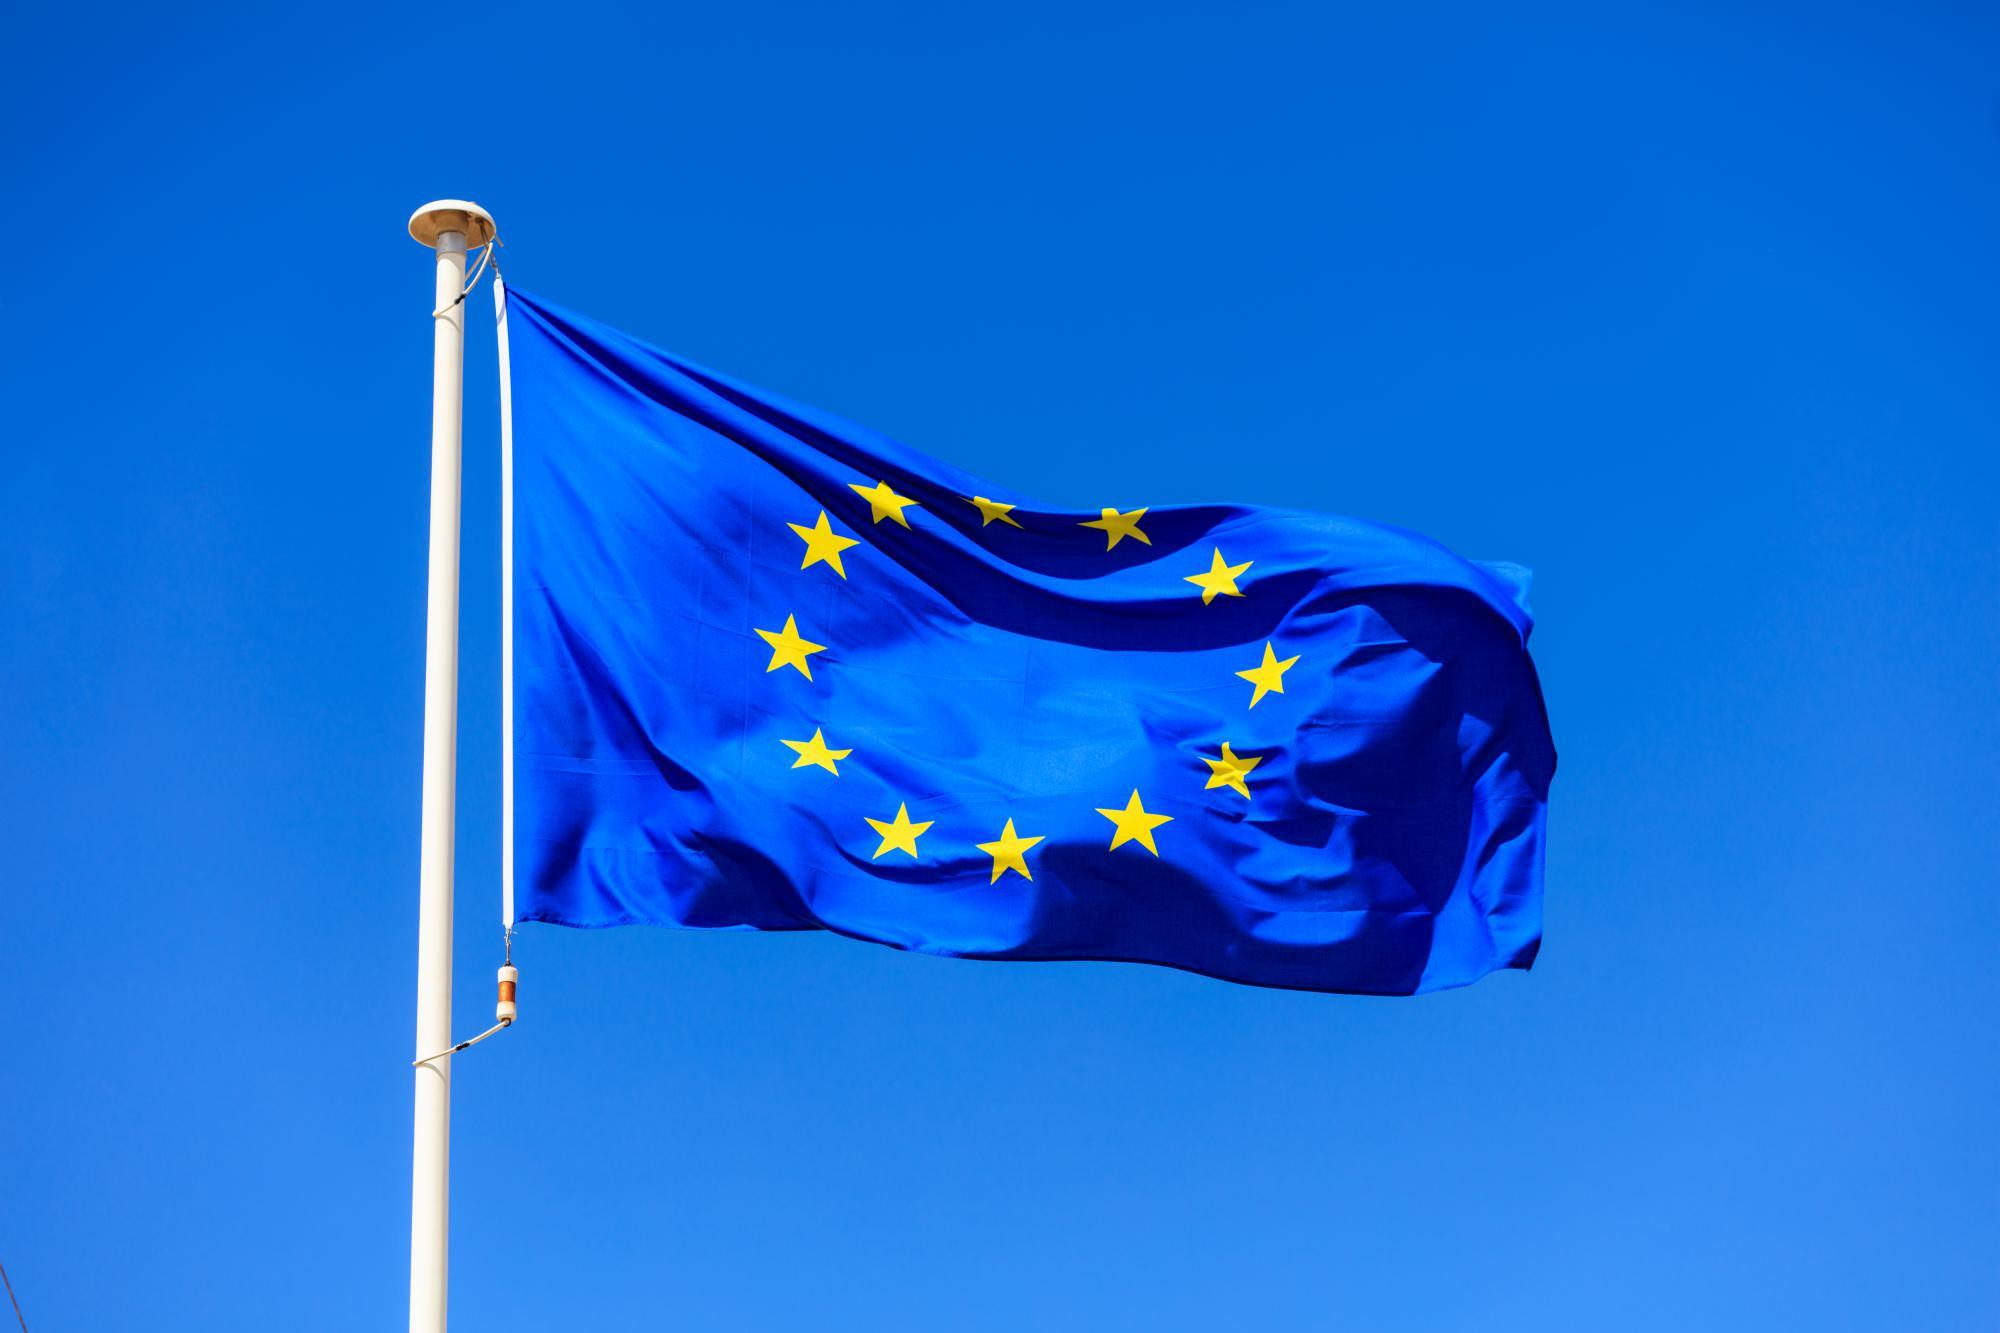 Евросоюз собирается вычеркнуть из списков «налоговых убежищ» ОАЭ и Швейцарию